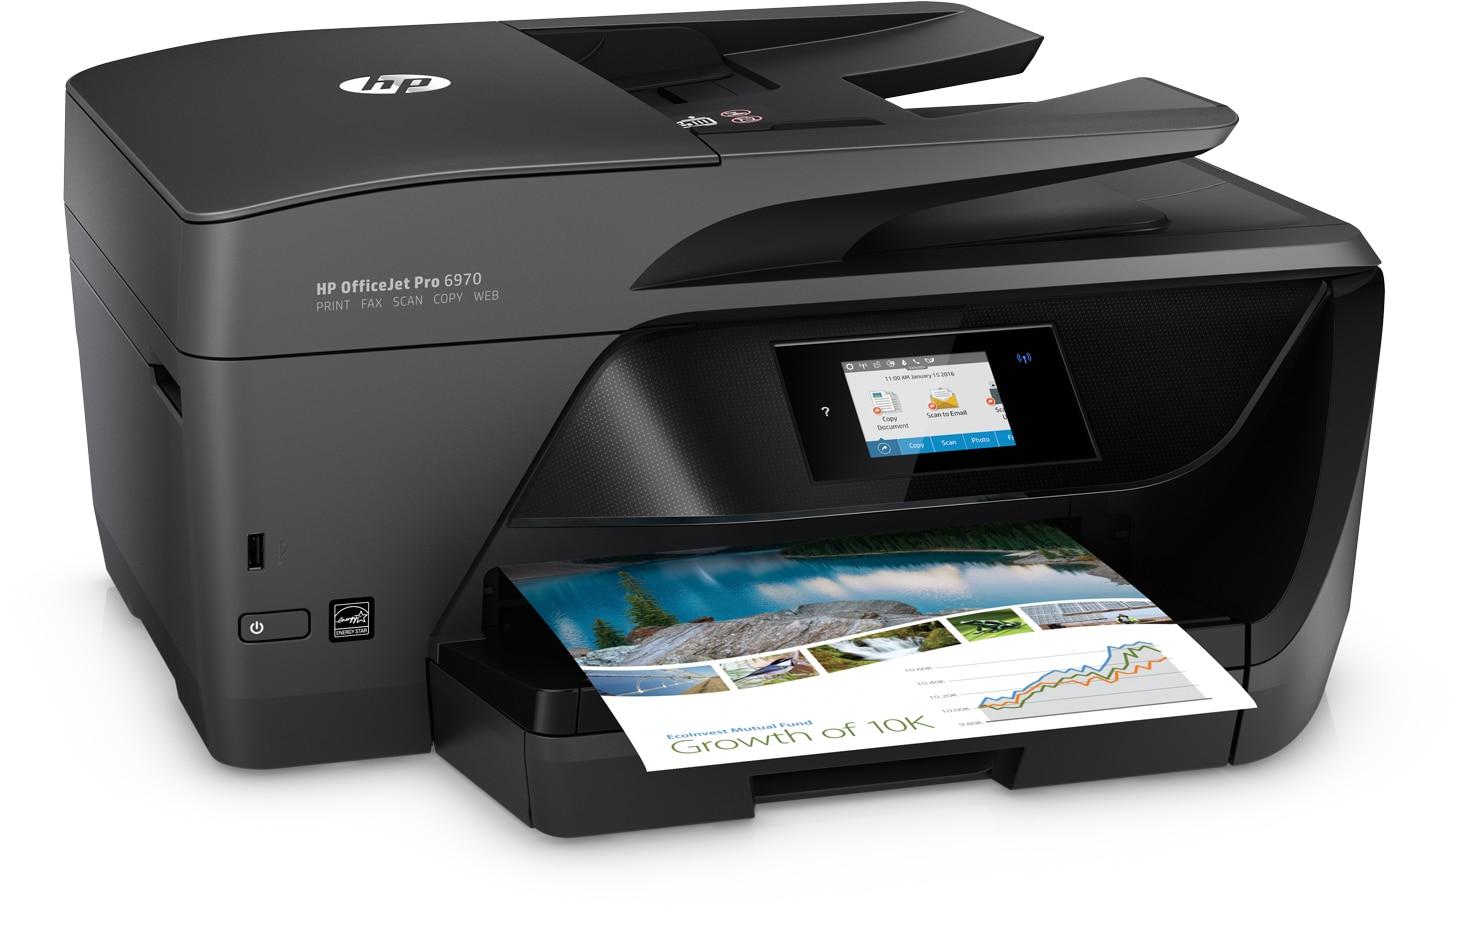 An HP printer.